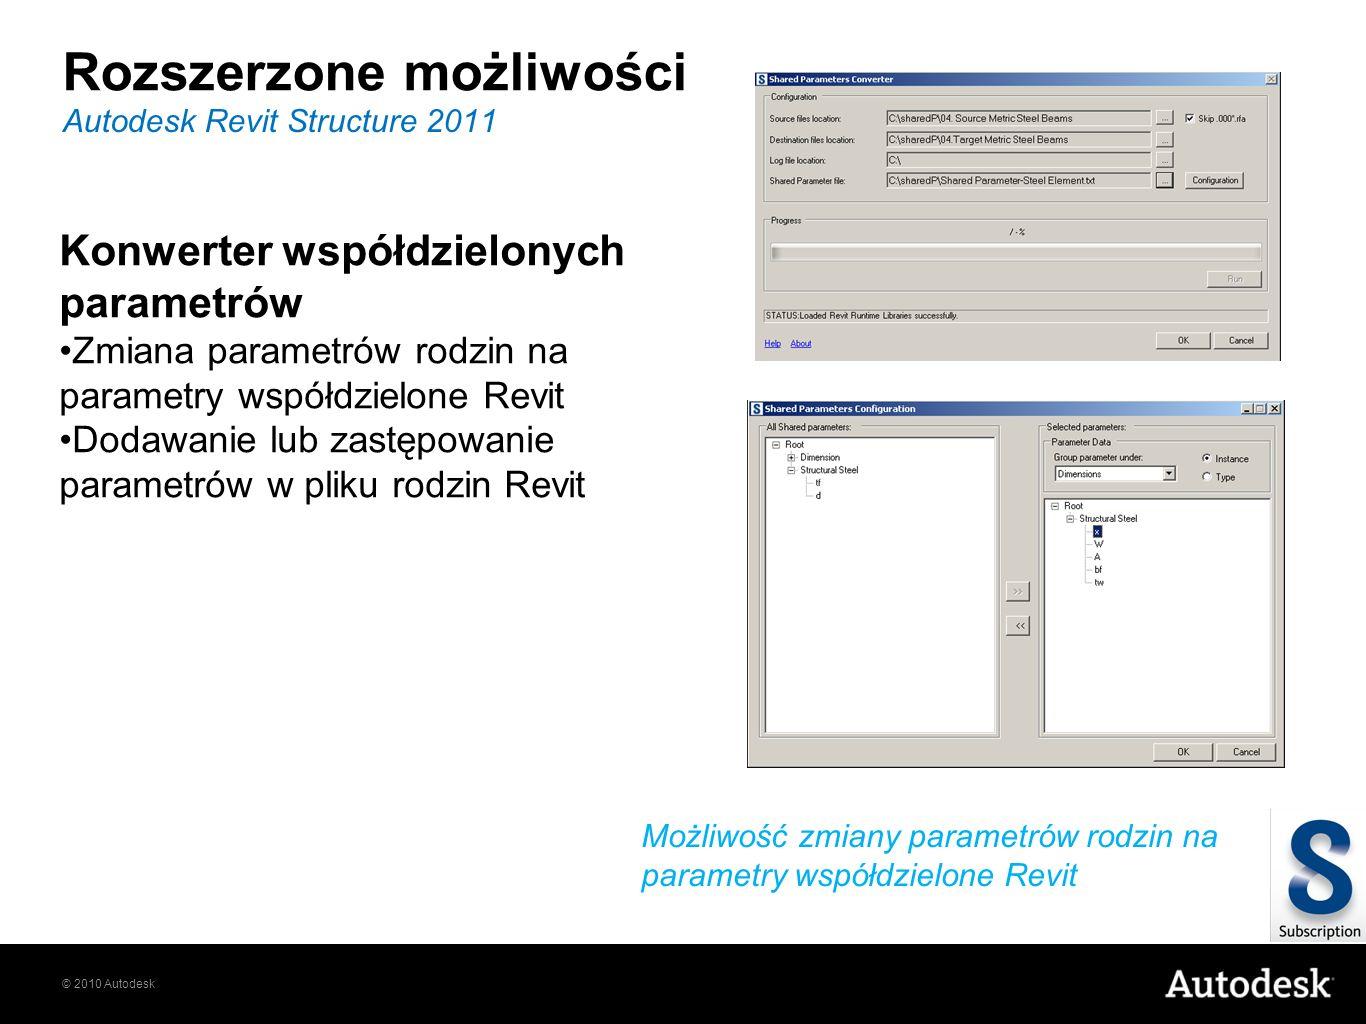 © 2010 Autodesk Rozszerzone możliwości Autodesk Revit Structure 2011 Możliwość zmiany parametrów rodzin na parametry współdzielone Revit Konwerter współdzielonych parametrów Zmiana parametrów rodzin na parametry współdzielone Revit Dodawanie lub zastępowanie parametrów w pliku rodzin Revit